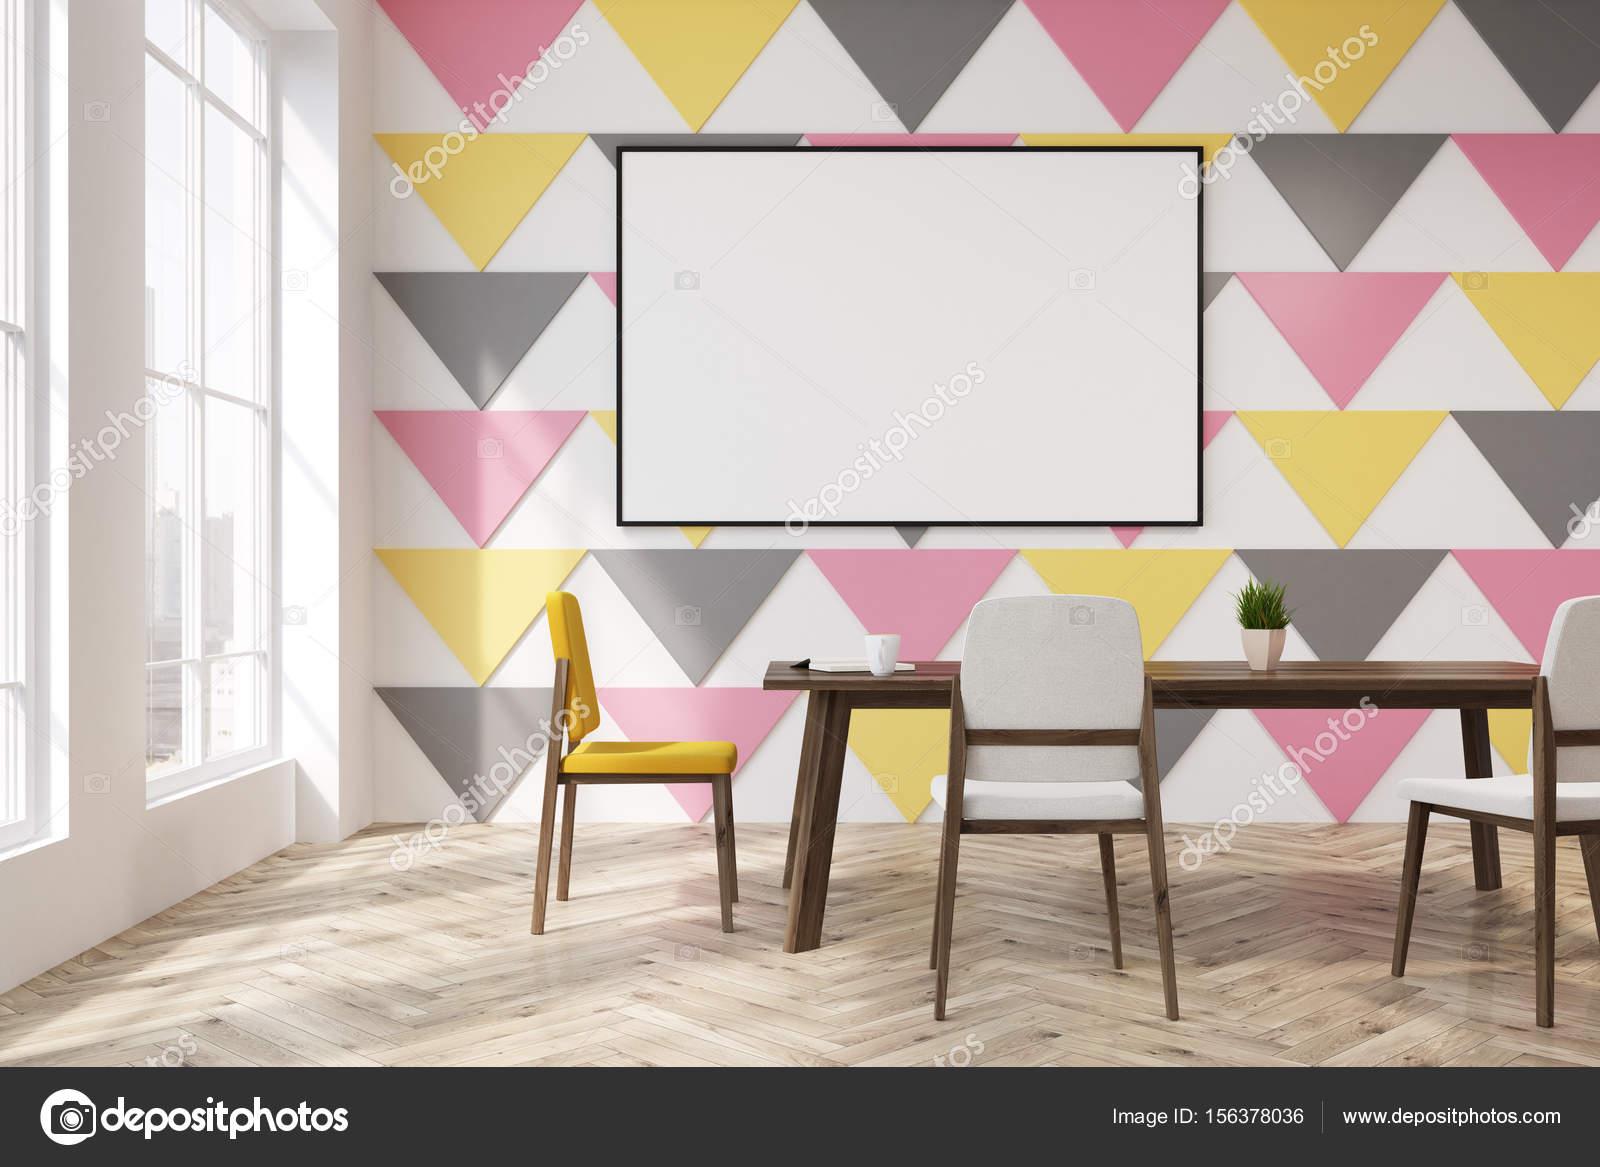 Driehoek patroon eetkamer of kantoor rechthoek u stockfoto